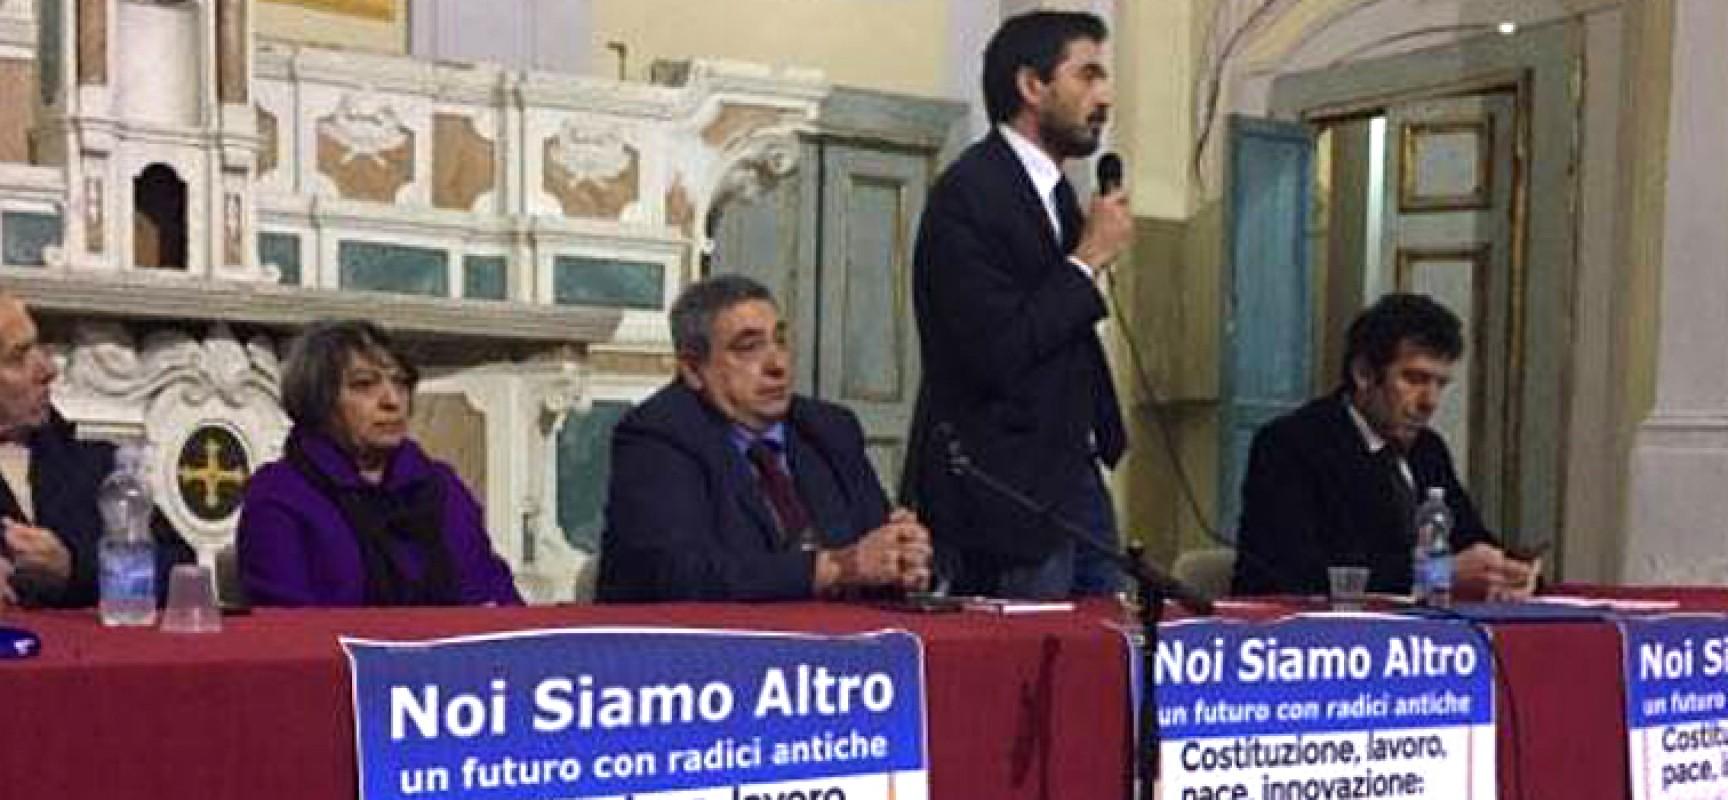 """Presentata Sinistra Italiana, """"Coinvolgere persone che non si vendano al potente di turno"""""""